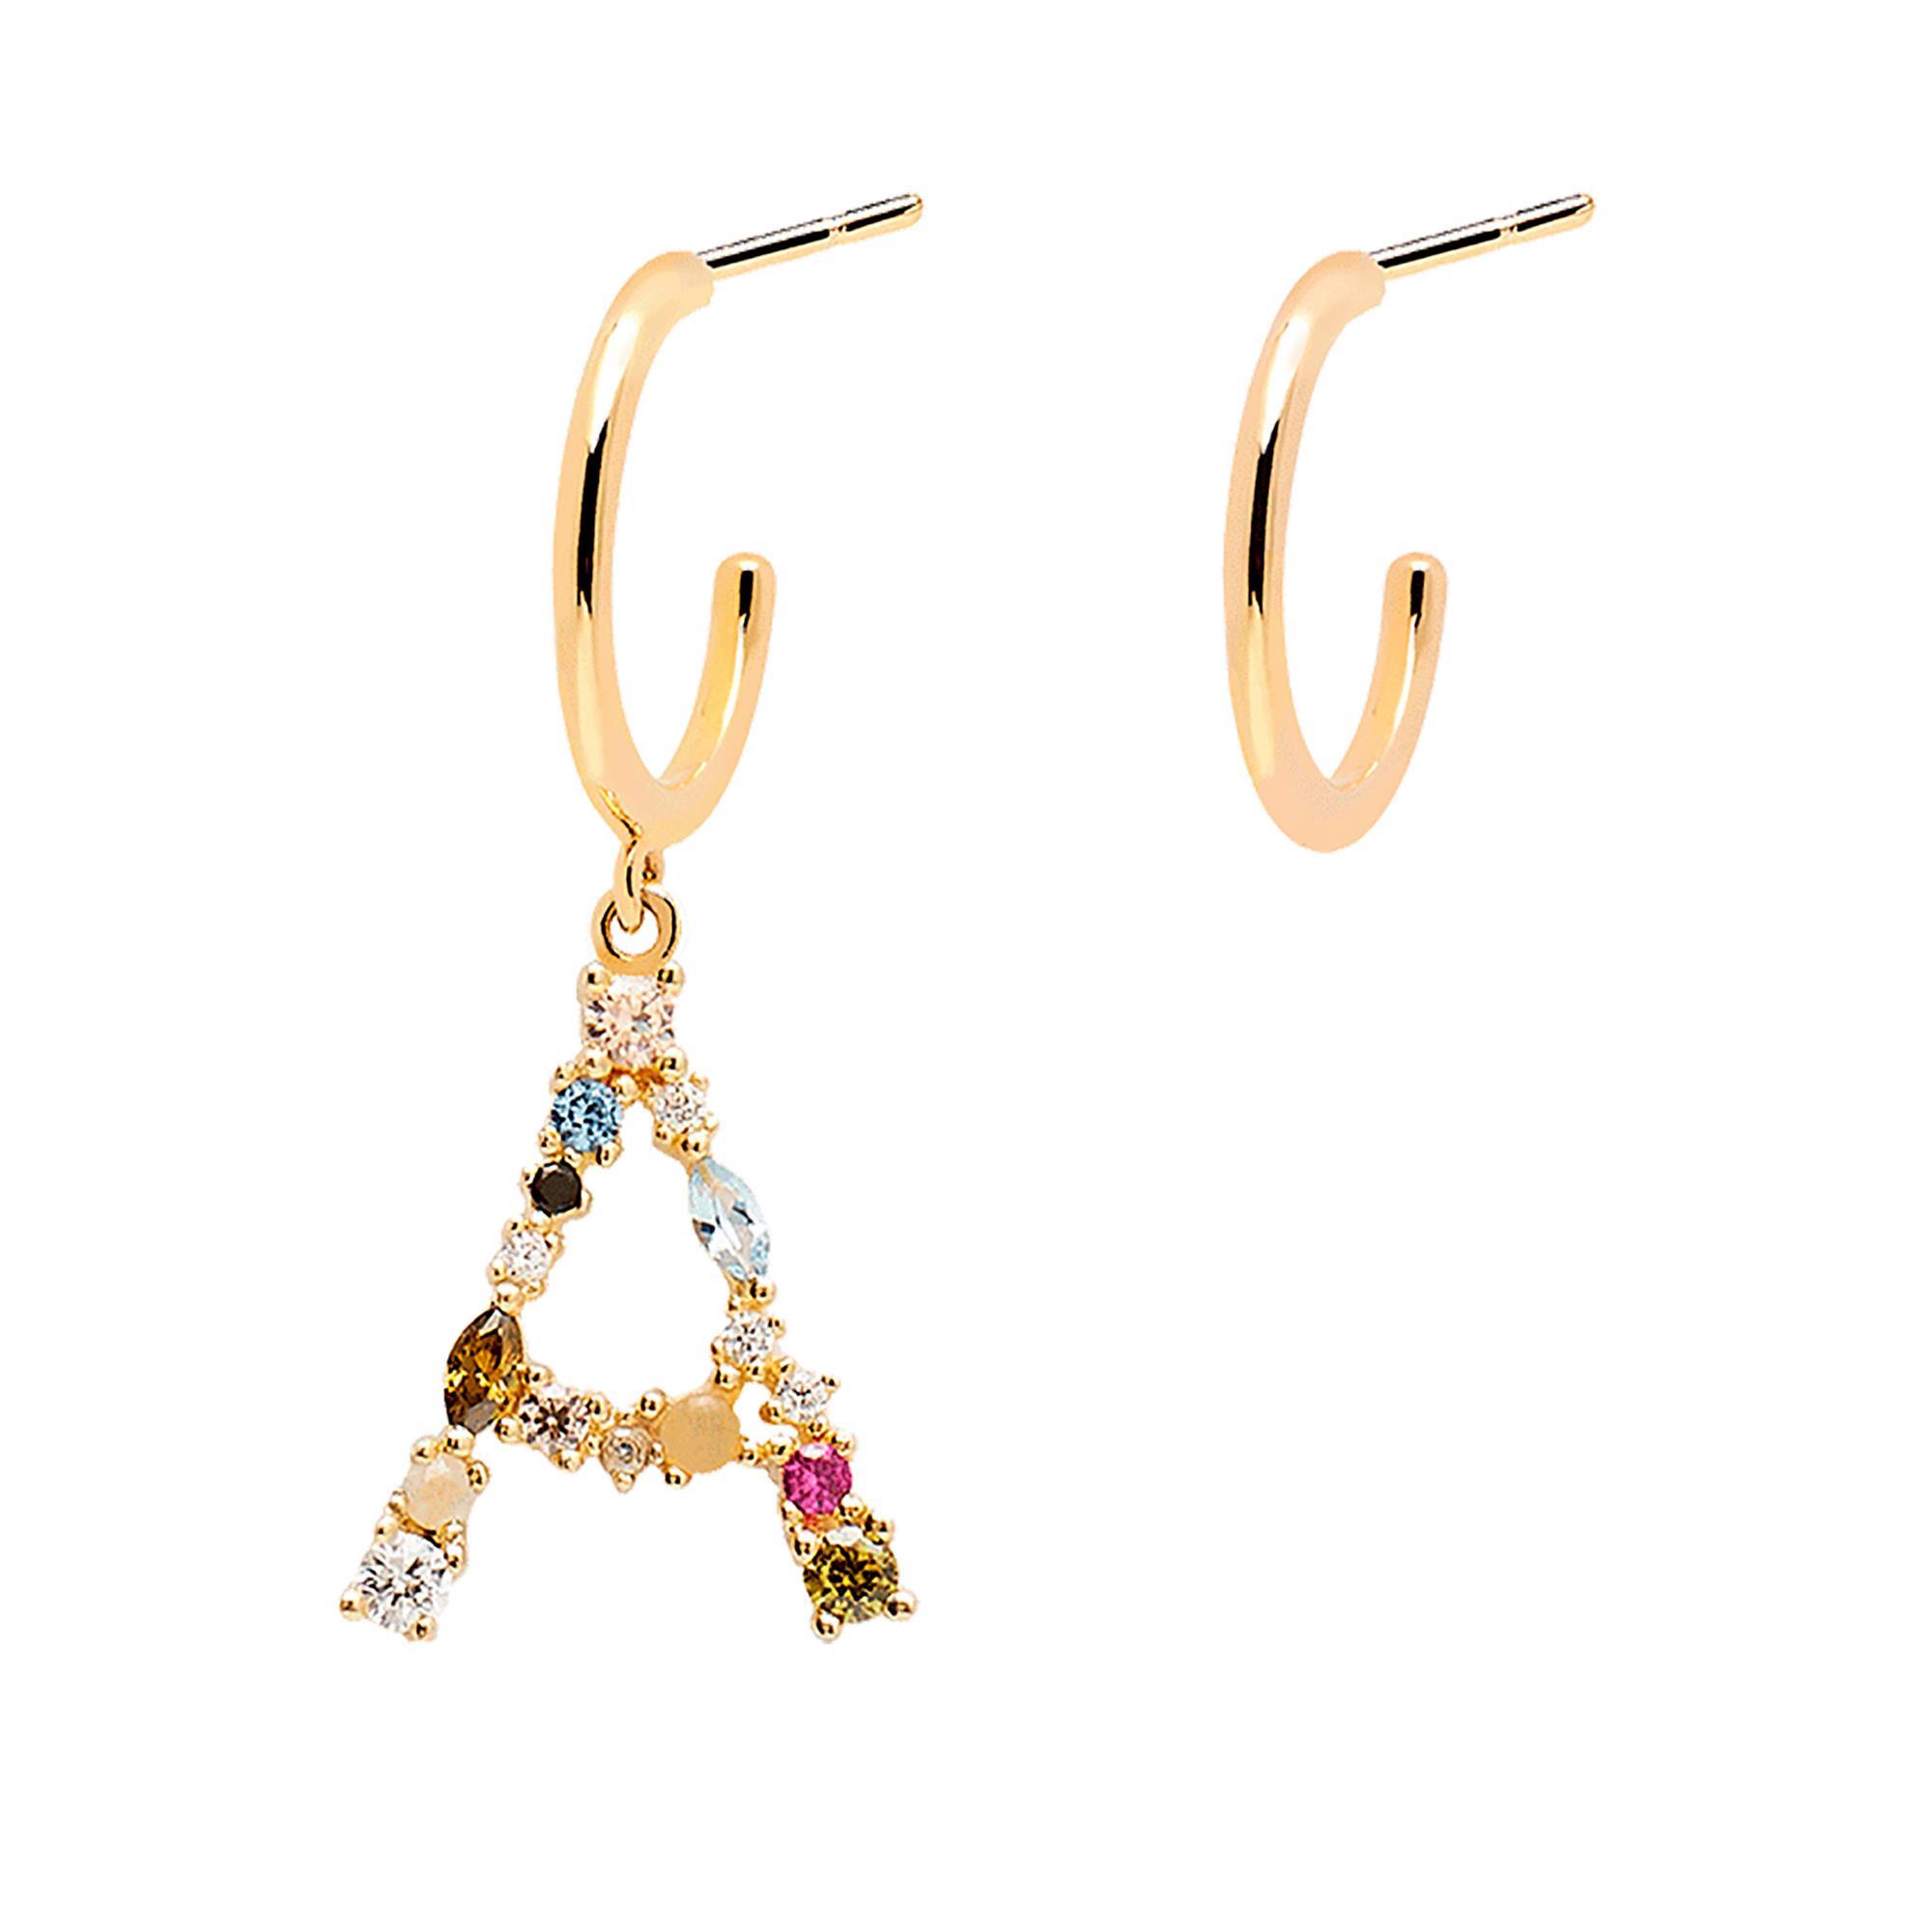 Orecchini Lettera A Oro Zirconi e Pietre Donna - PDPAOLA